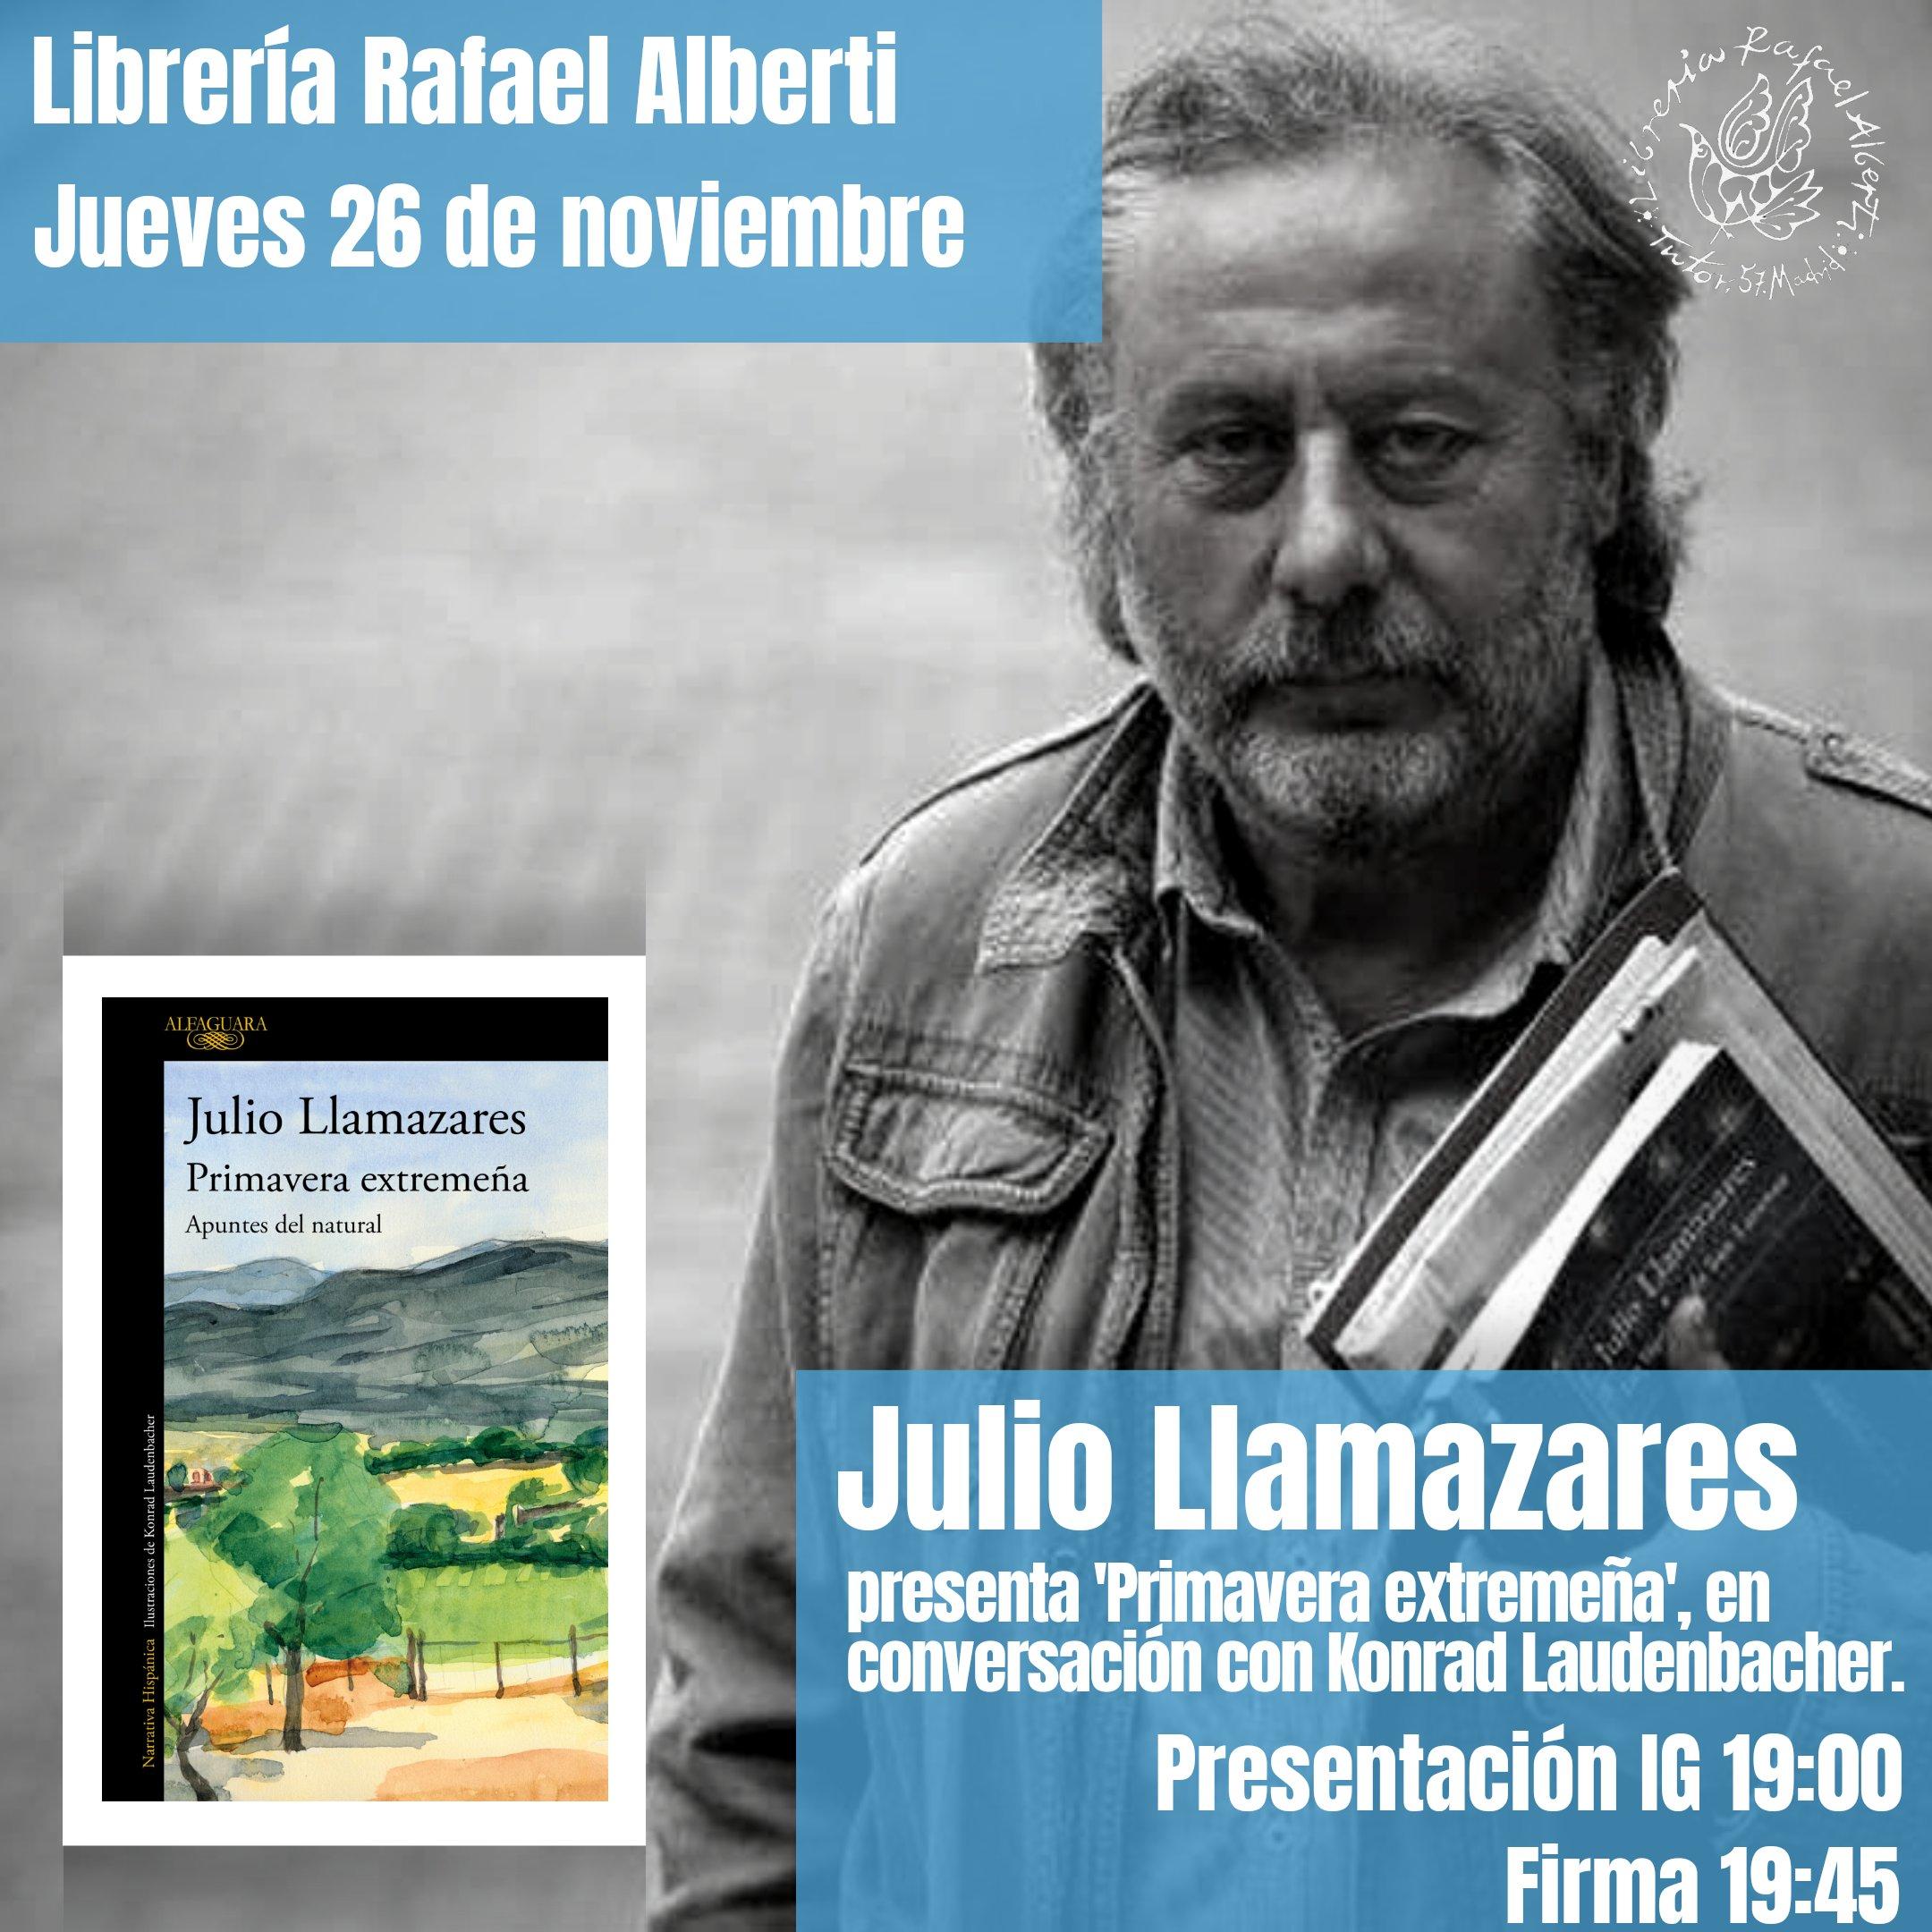 Julio Llamazares en Alberti